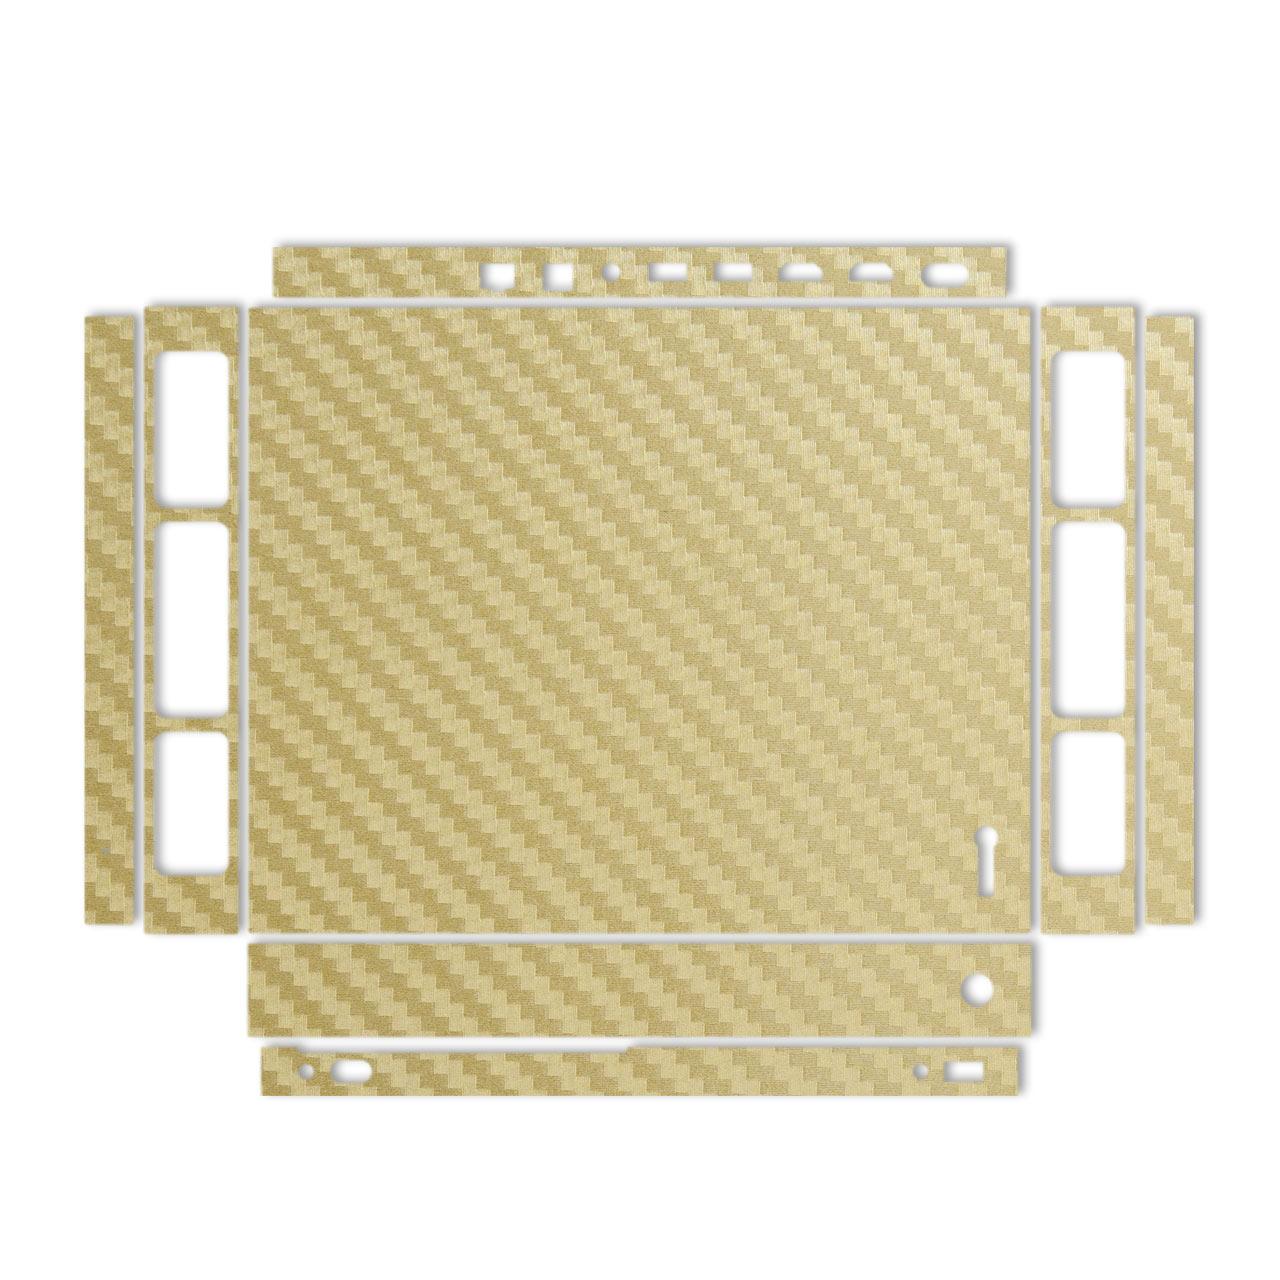 برچسب پوششی مدل Gold Carbon-fiber Texture مناسب برای کنسول بازی Xbox One X